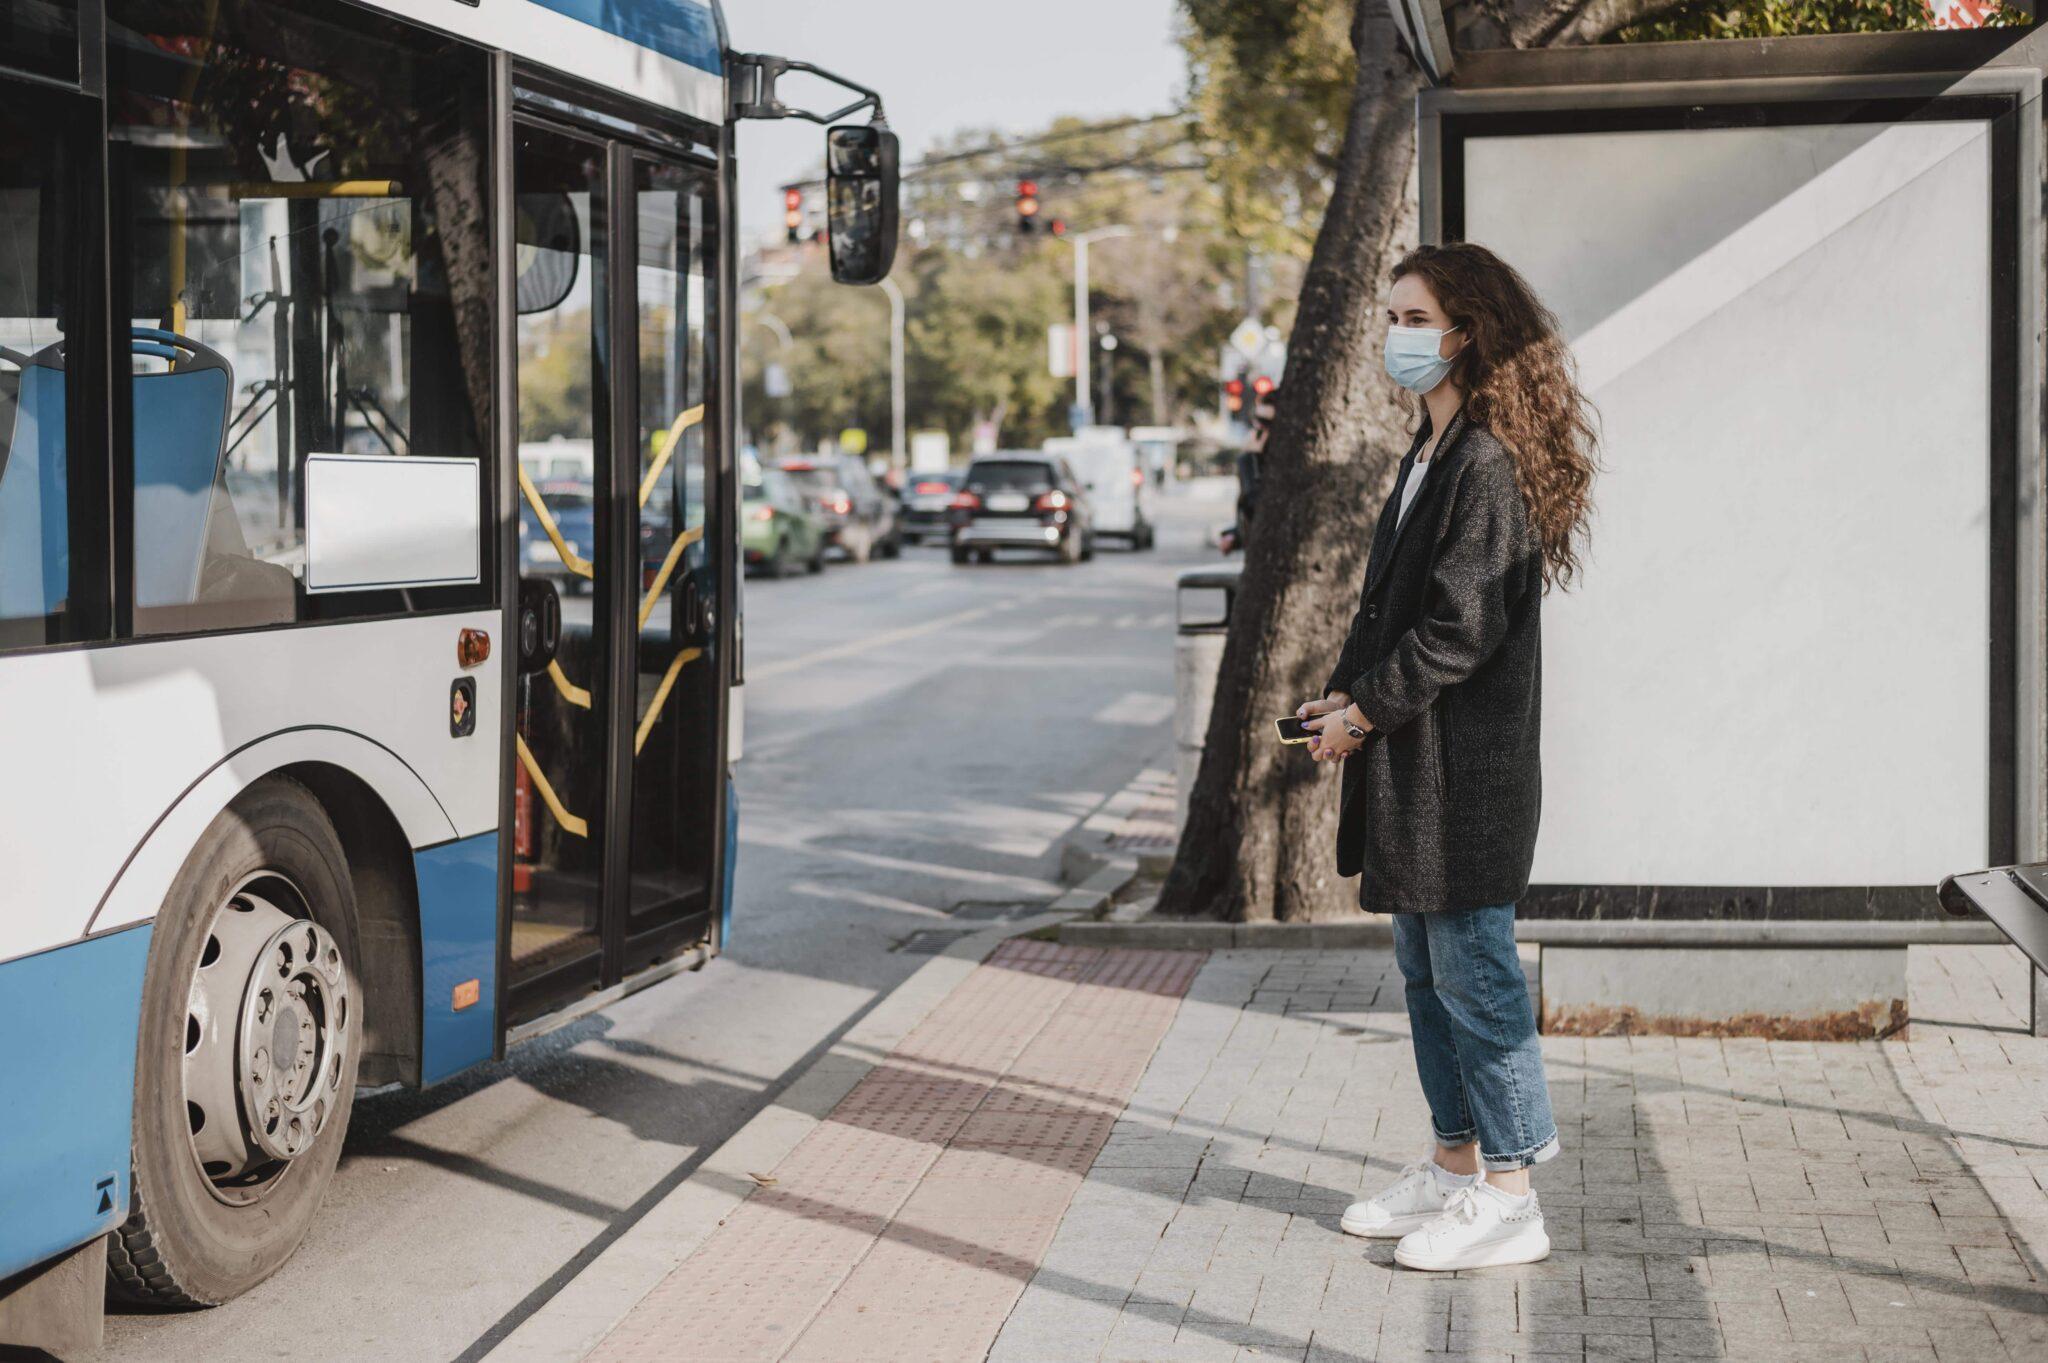 Cognidis signe un contrat de 3 ans avec un transporteur pour l'aider à optimiser et modéliser son réseau de transport avec sa plateforme Cogni'Moove basée sur l'IA et les sciences cognitives